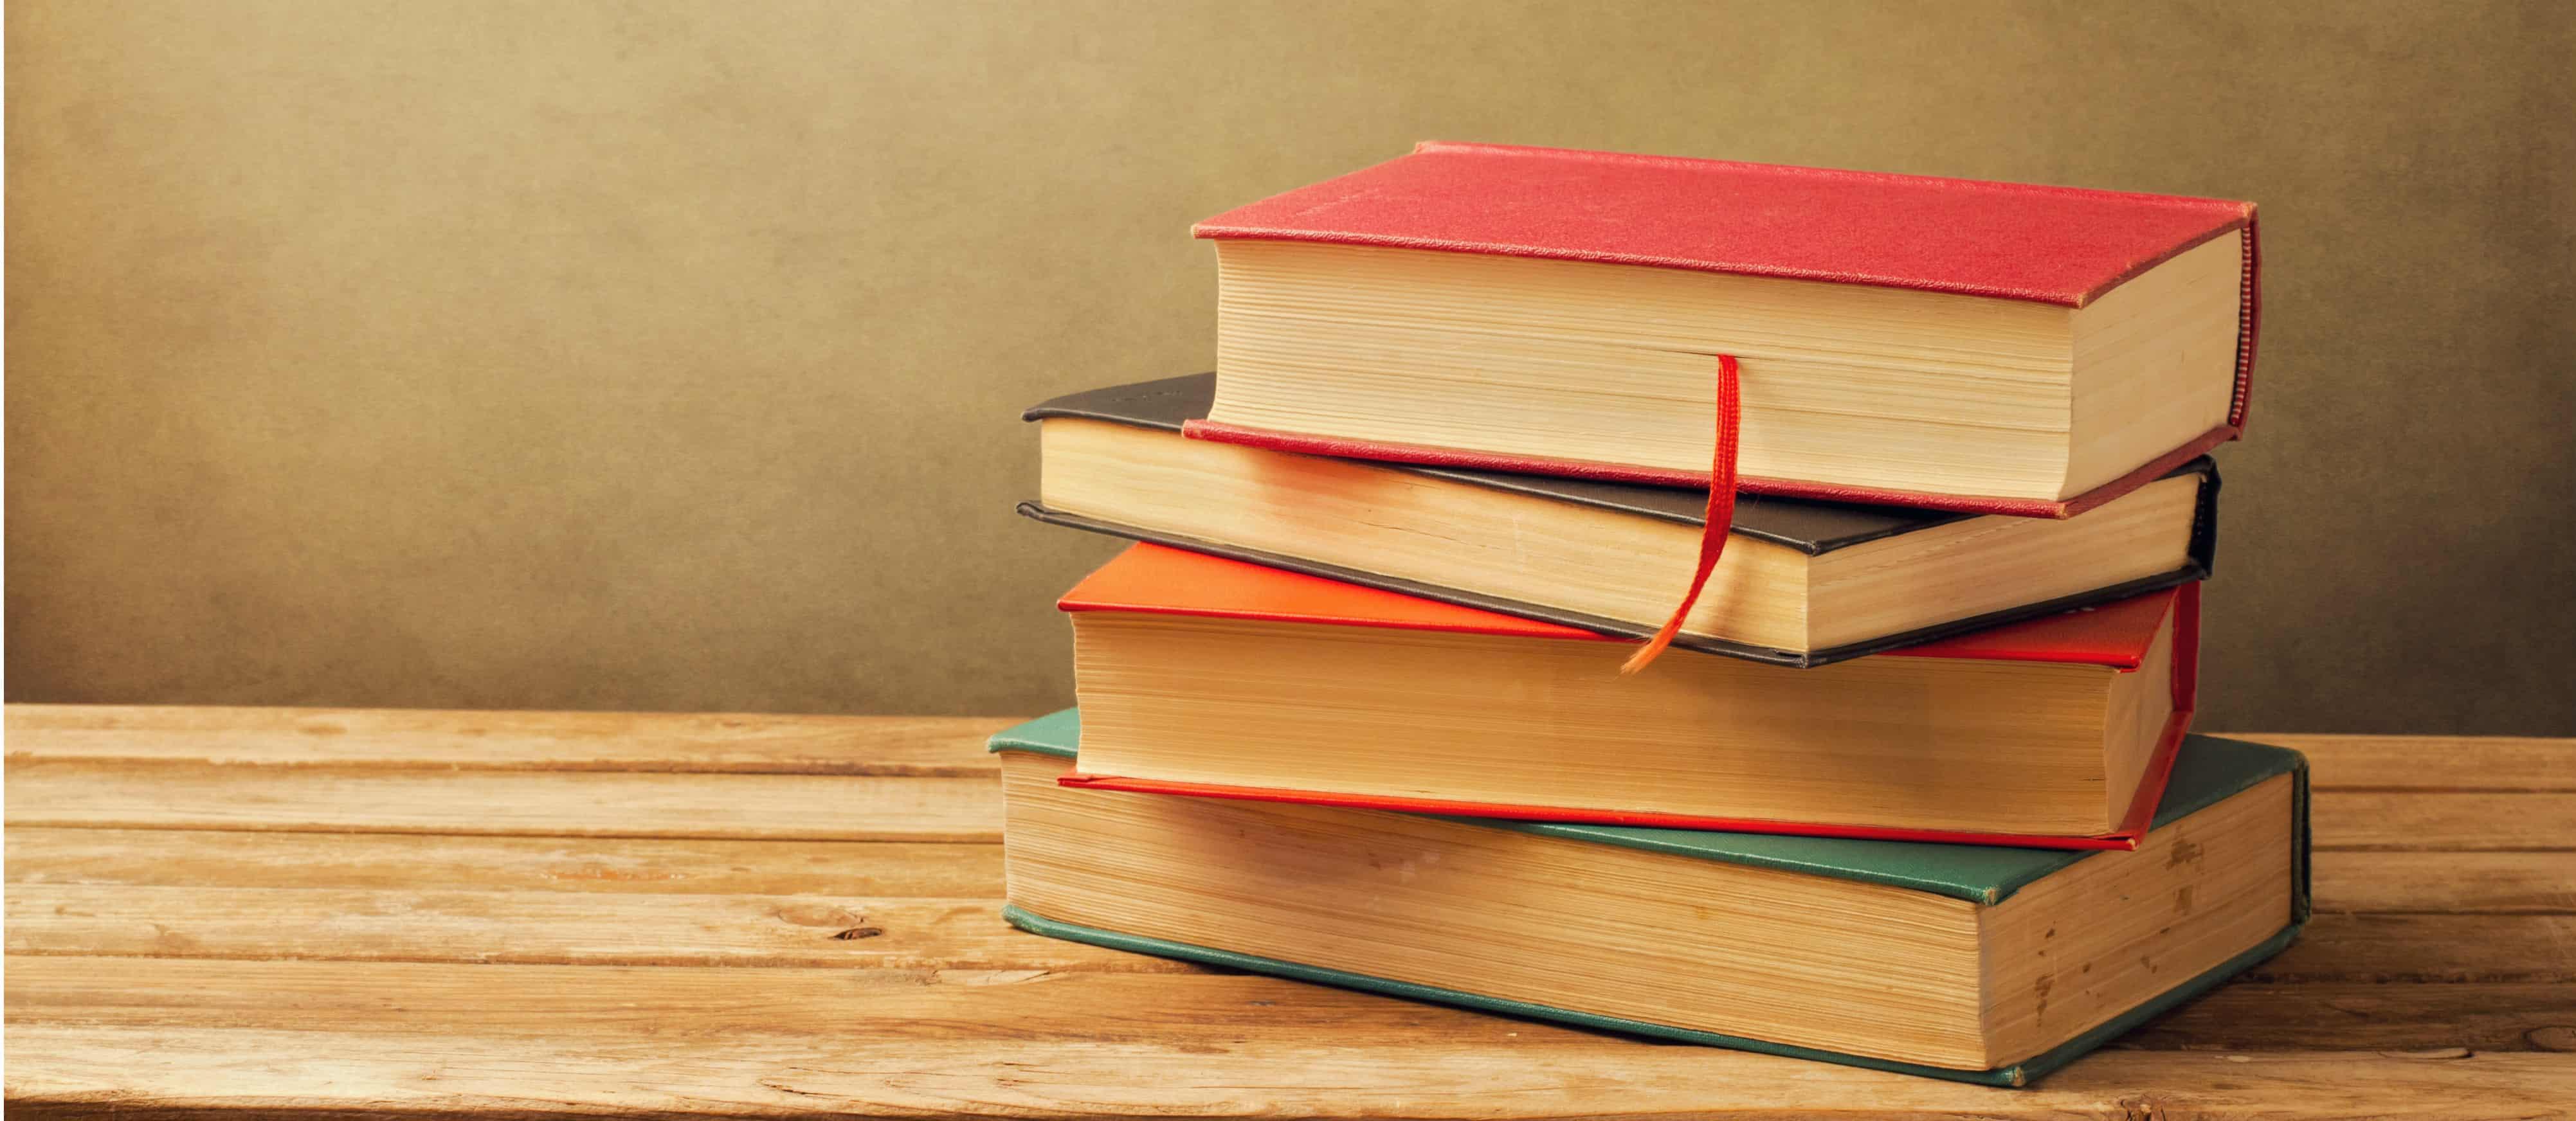 Resultado de imagem para livros